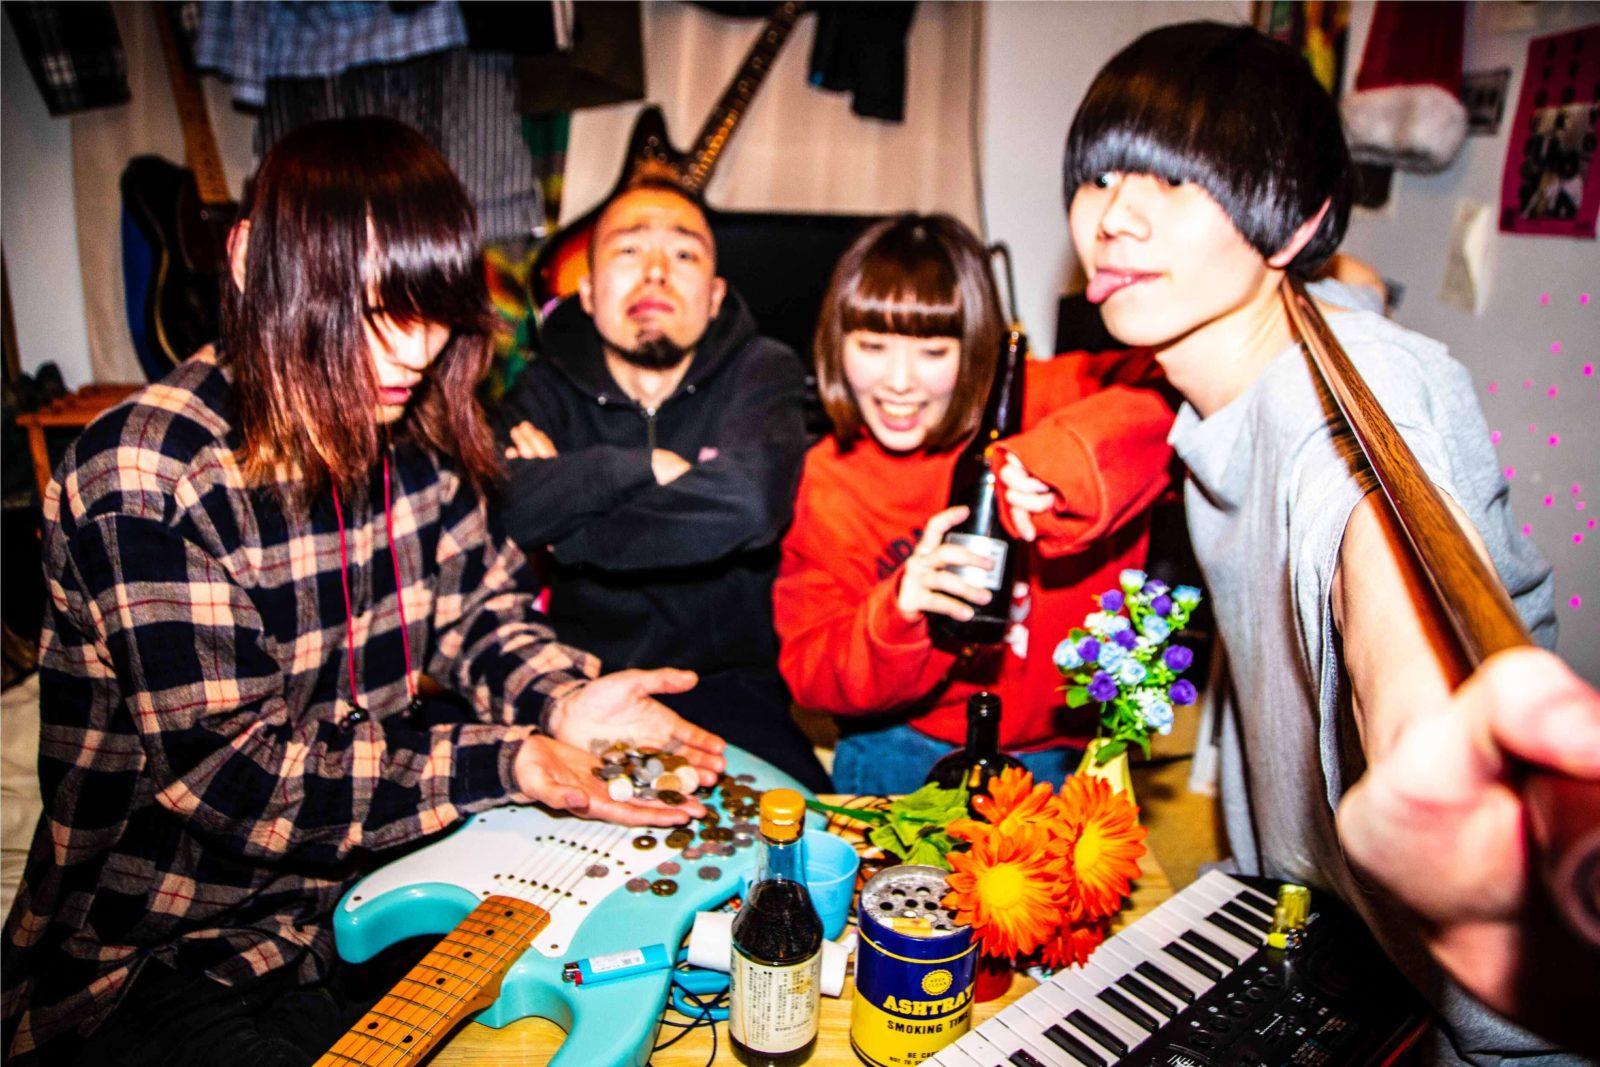 猛中毒性ロックバンド「nee」シングルリリース&レコ発イベント開催決定サムネイル画像